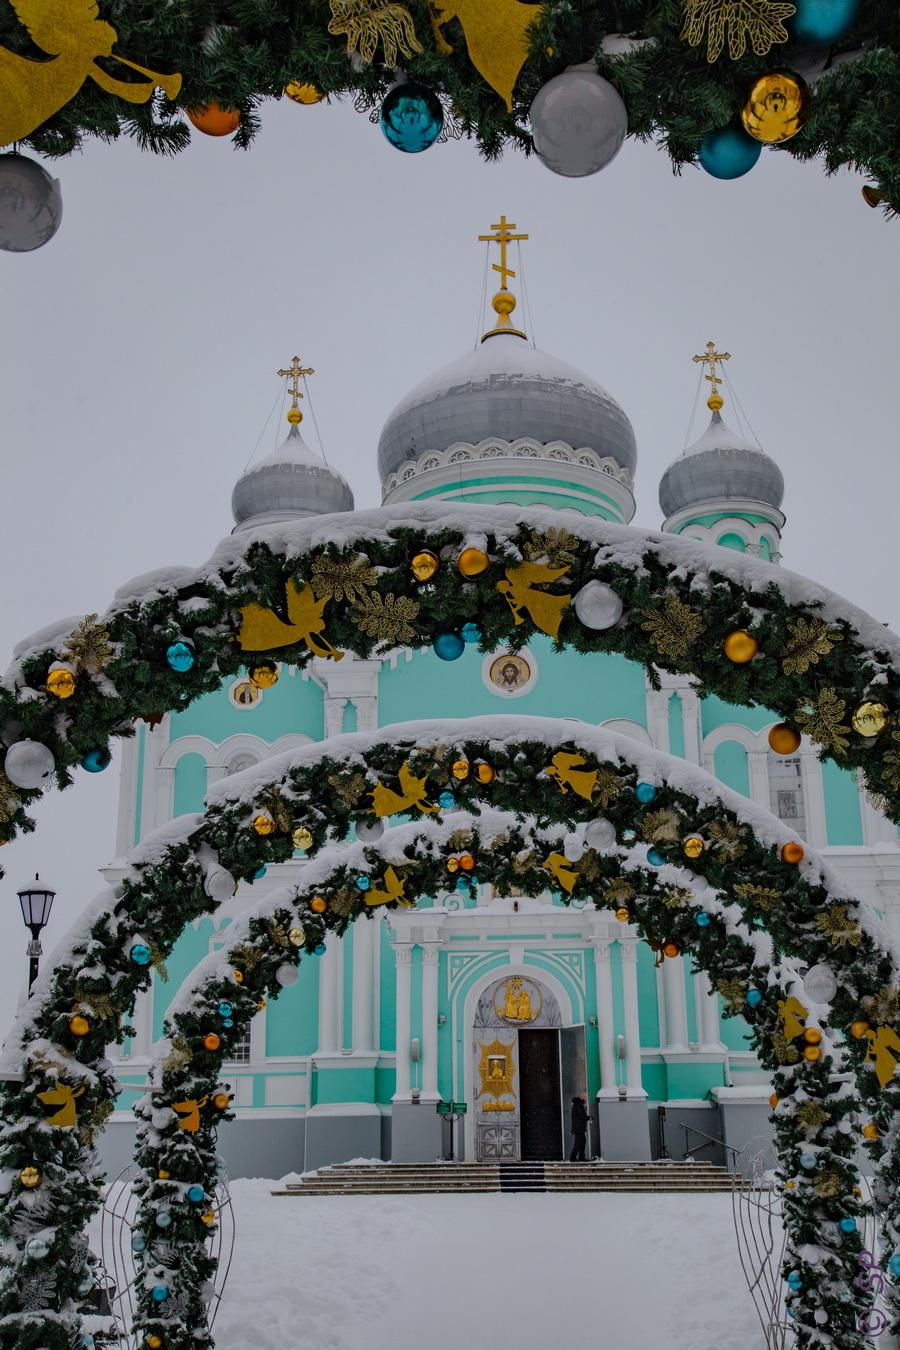 Рождественское Дивеево или село ковидовой эпохи. Визит 3 (Нижегородская область, январь 2021)